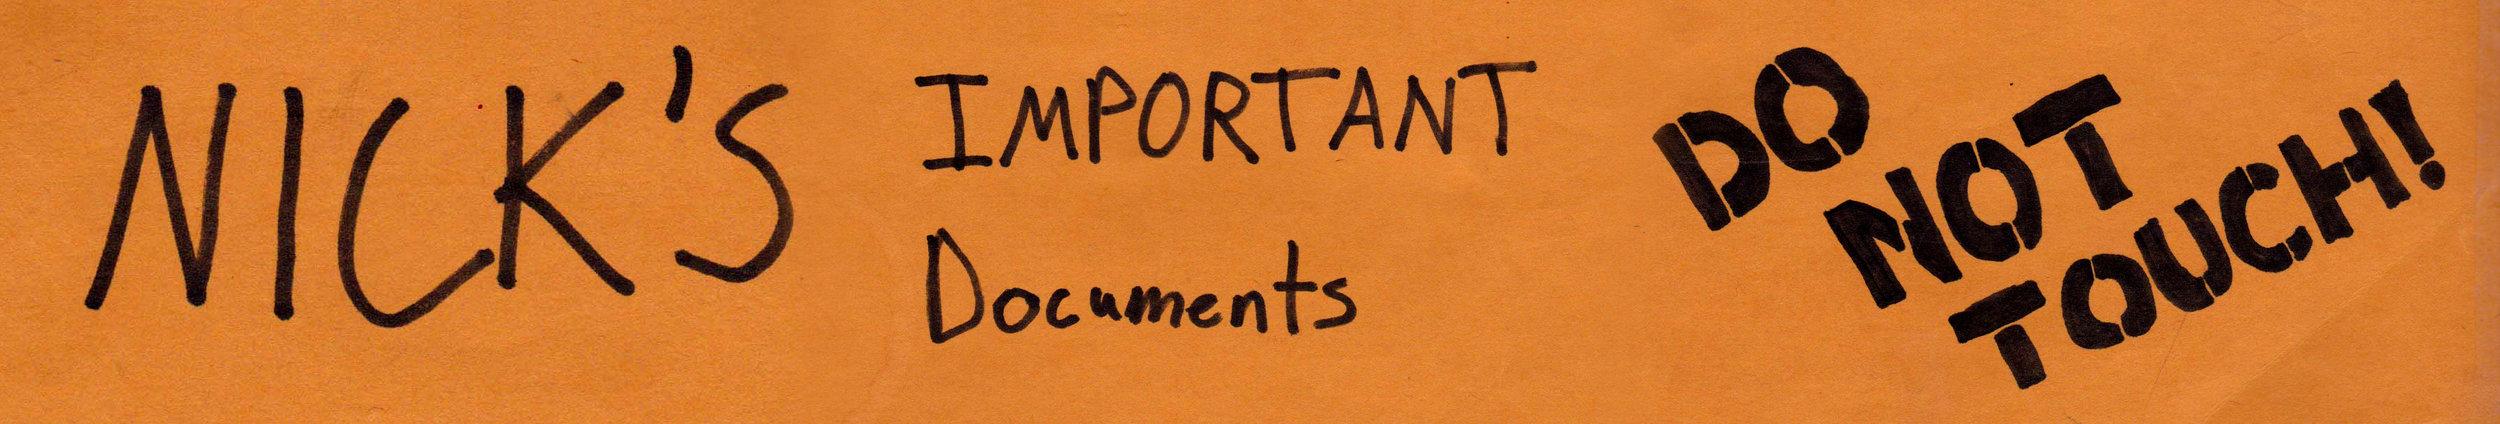 Nick'sImportantDocumentsHEADER copy.jpg